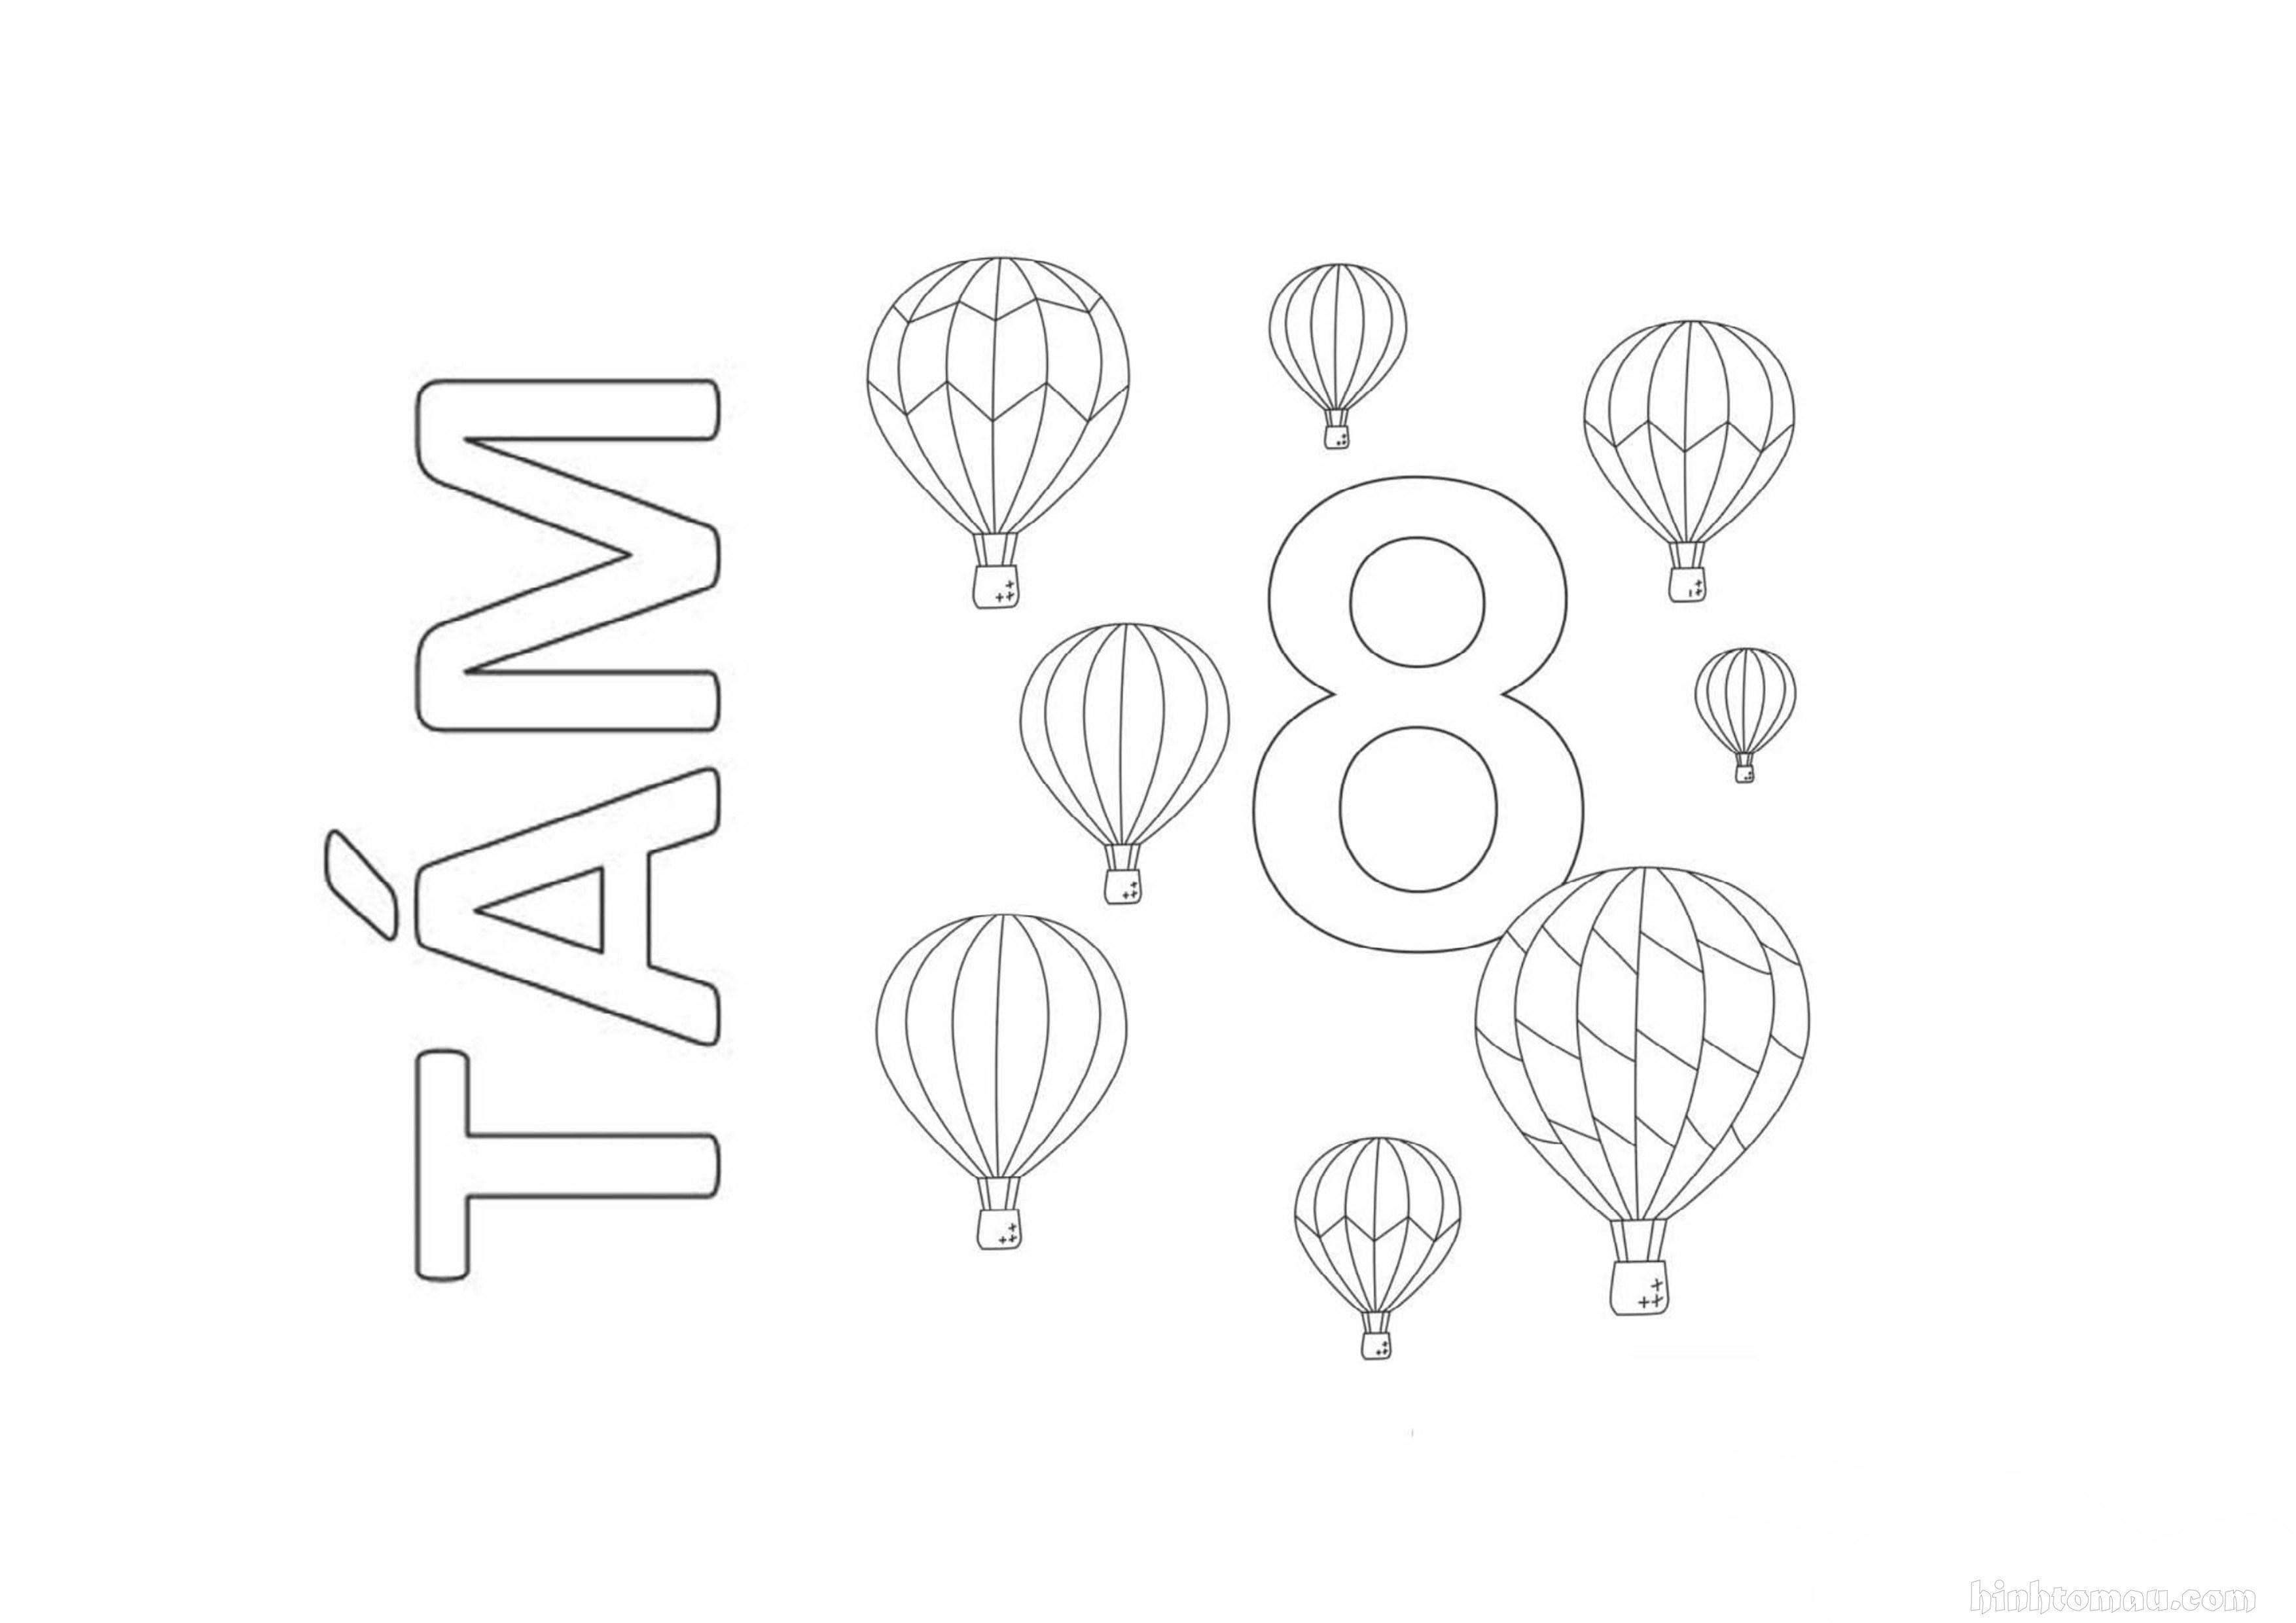 Tranh tô màu chữ số 8 - Tám khinh khí cầu